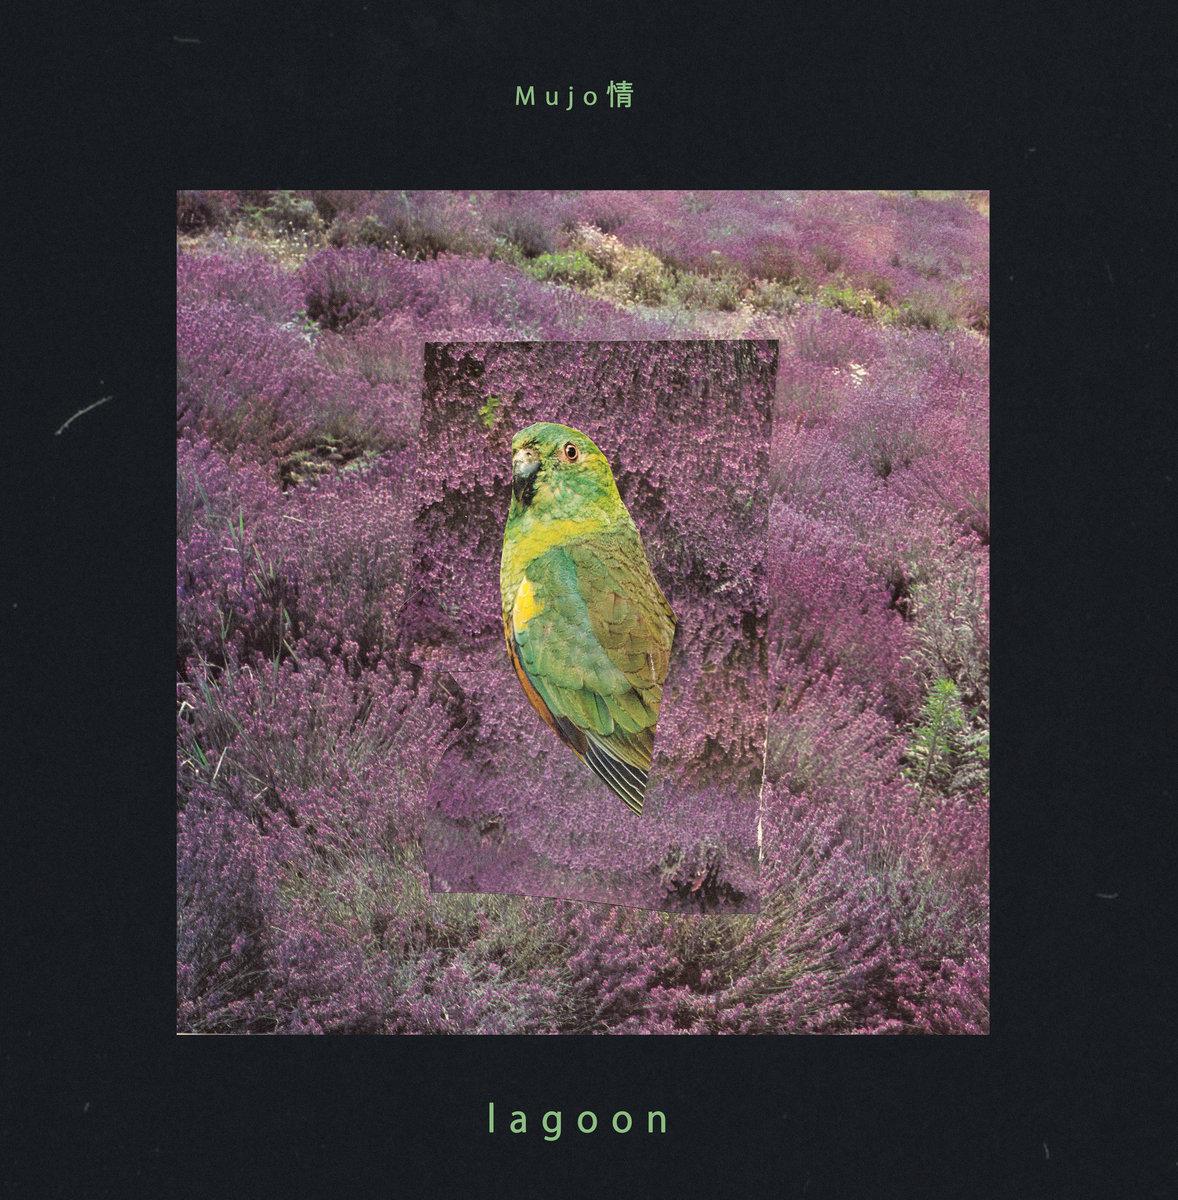 Mujo_lagoon